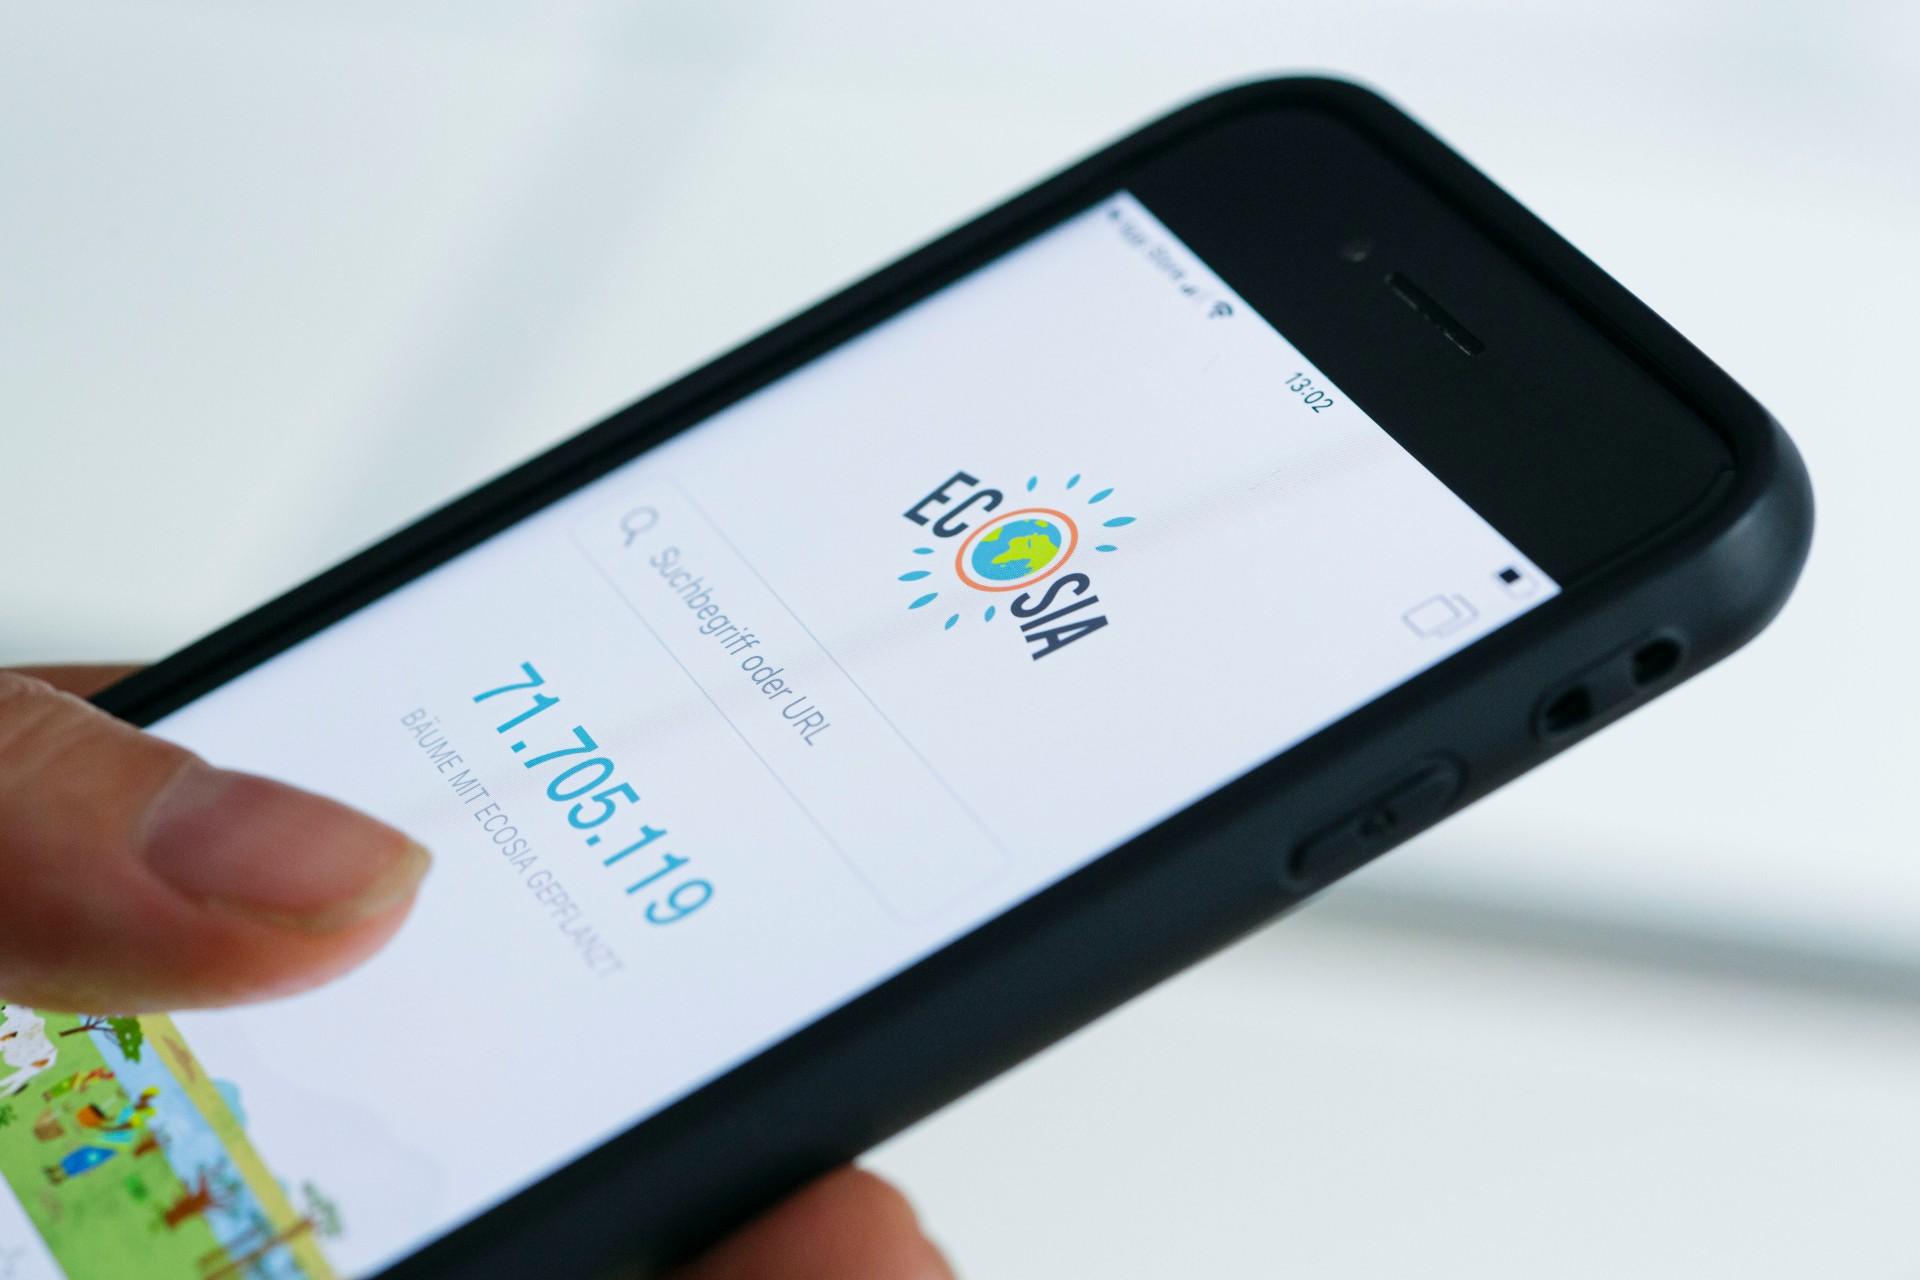 Ecosia – alternatywa dla Google'a, którasadzi drzewa, gdyzniej korzystamy